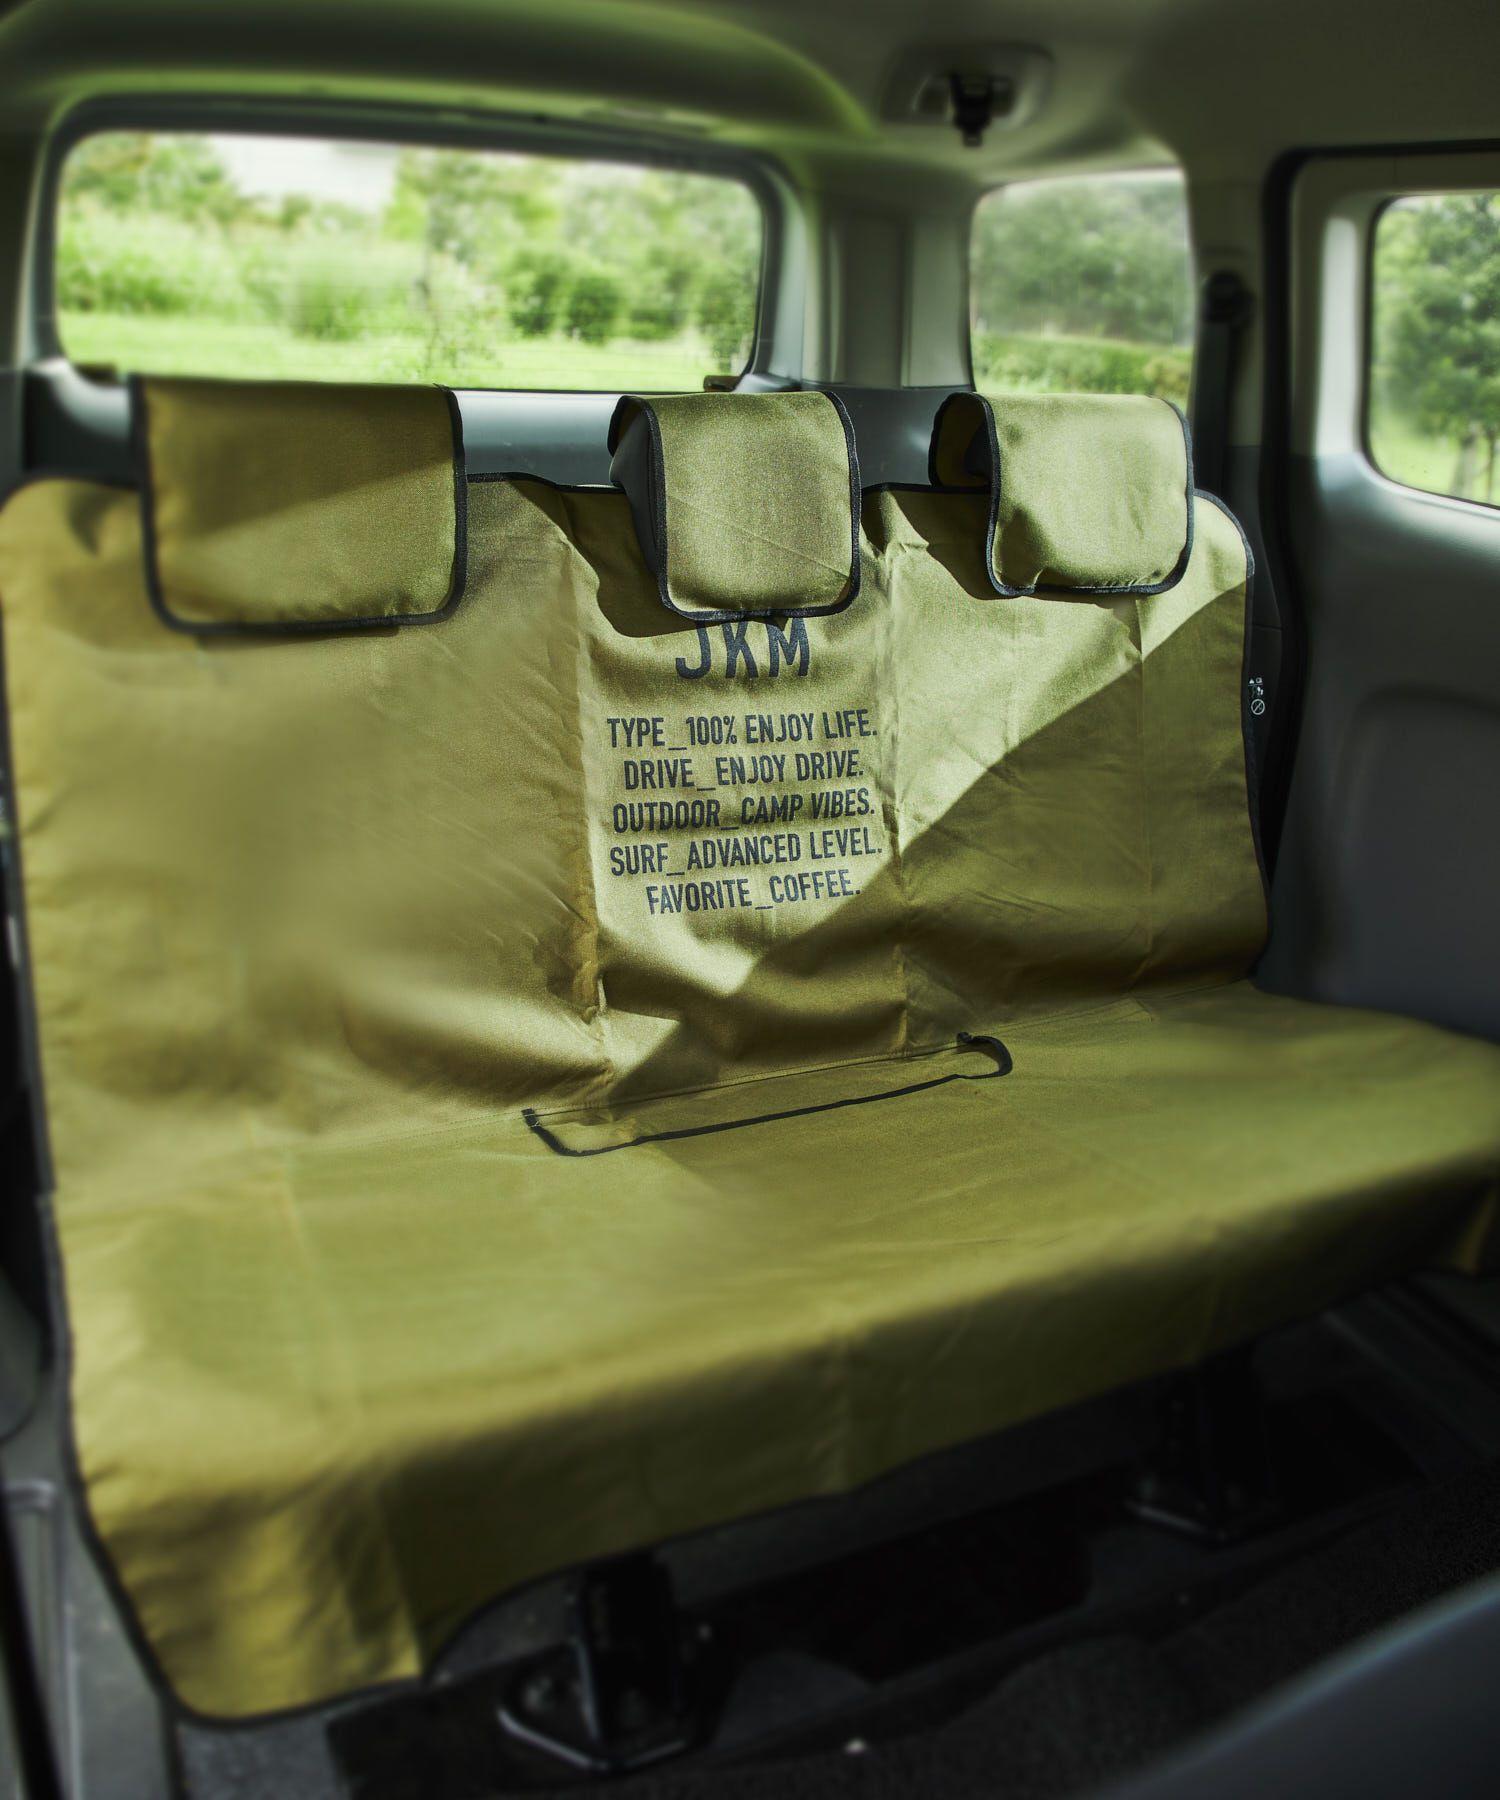 シート汚れ防止に 取り付けが簡単なシートカバーシート汚れ防止に 取り付けが簡単なシートカバー水や汚れからお車のシートを保護してくれる リア用の防水シート カバーです アウトドアやサーフィン マリンスポーツをする方におすすめです 飽きのこないシンプルな